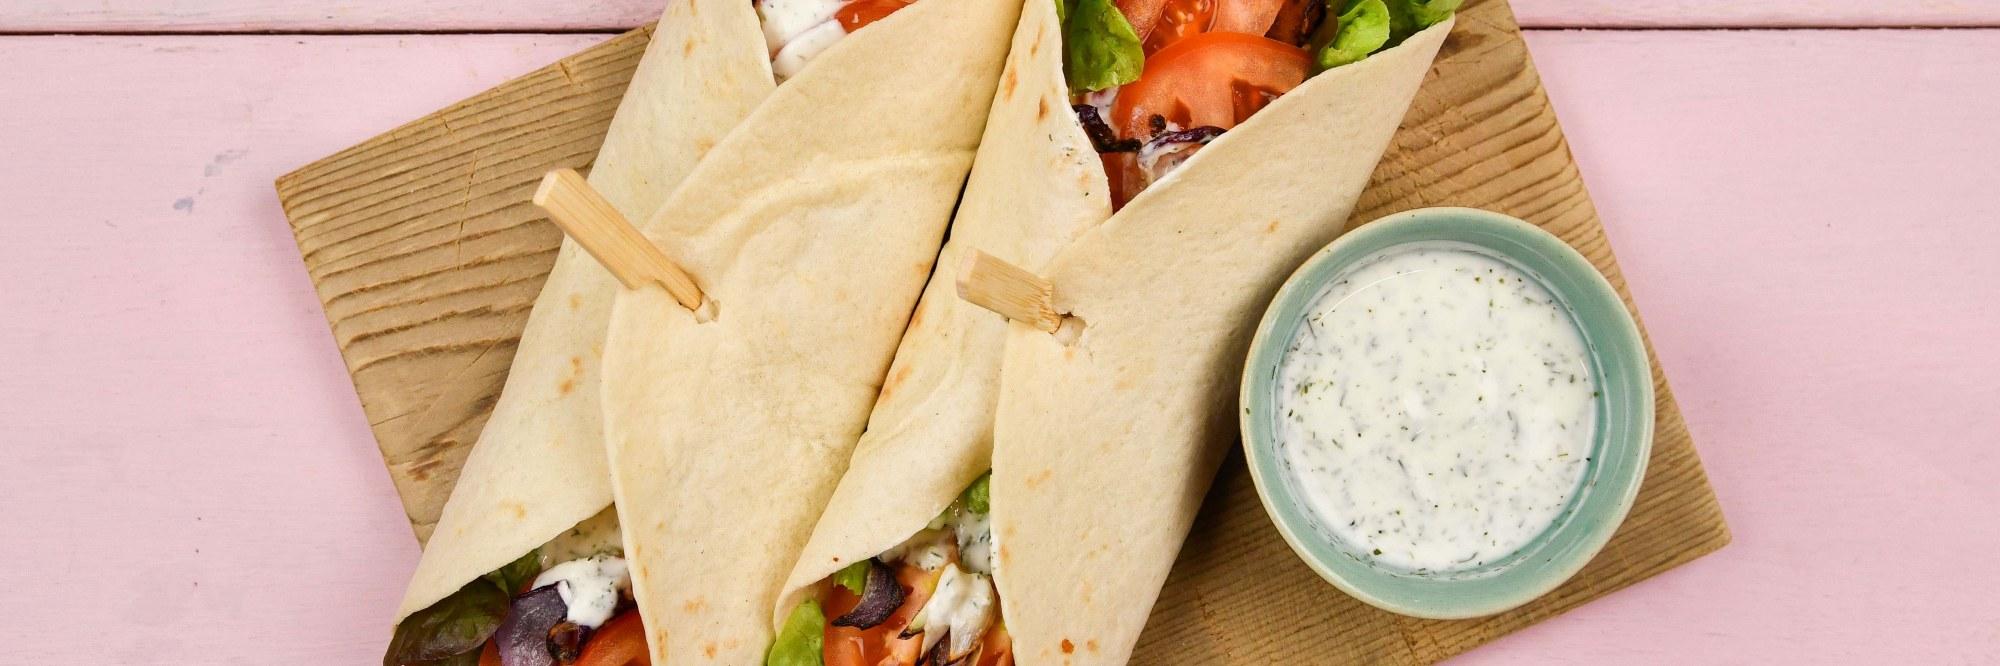 Wraps aux bâtonnets de poisson veggies et tzatziki